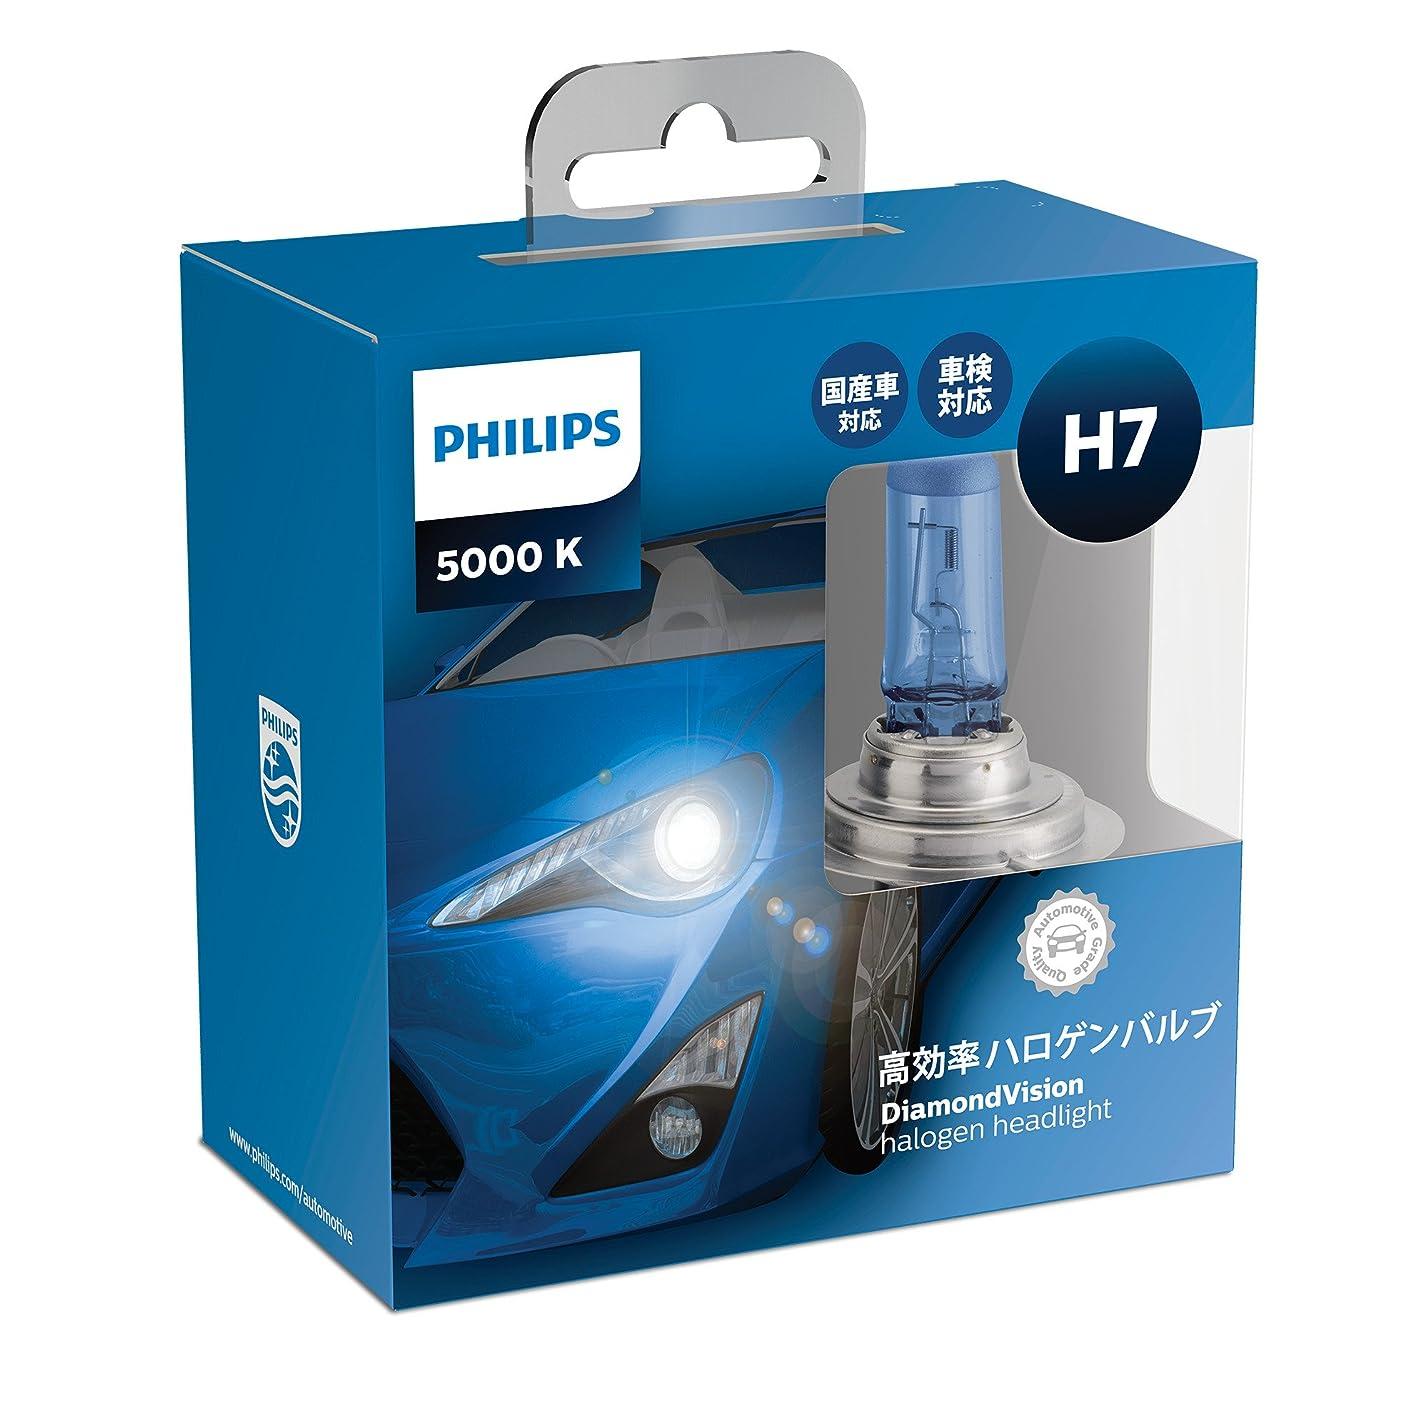 オーケストラシマウマリファインPHILIPS(フィリップス)  ヘッドライト ハロゲン バルブ H7 5000K  12V 55W ダイヤモンドヴィジョン DiamondVision  2個入り DV-H7-3